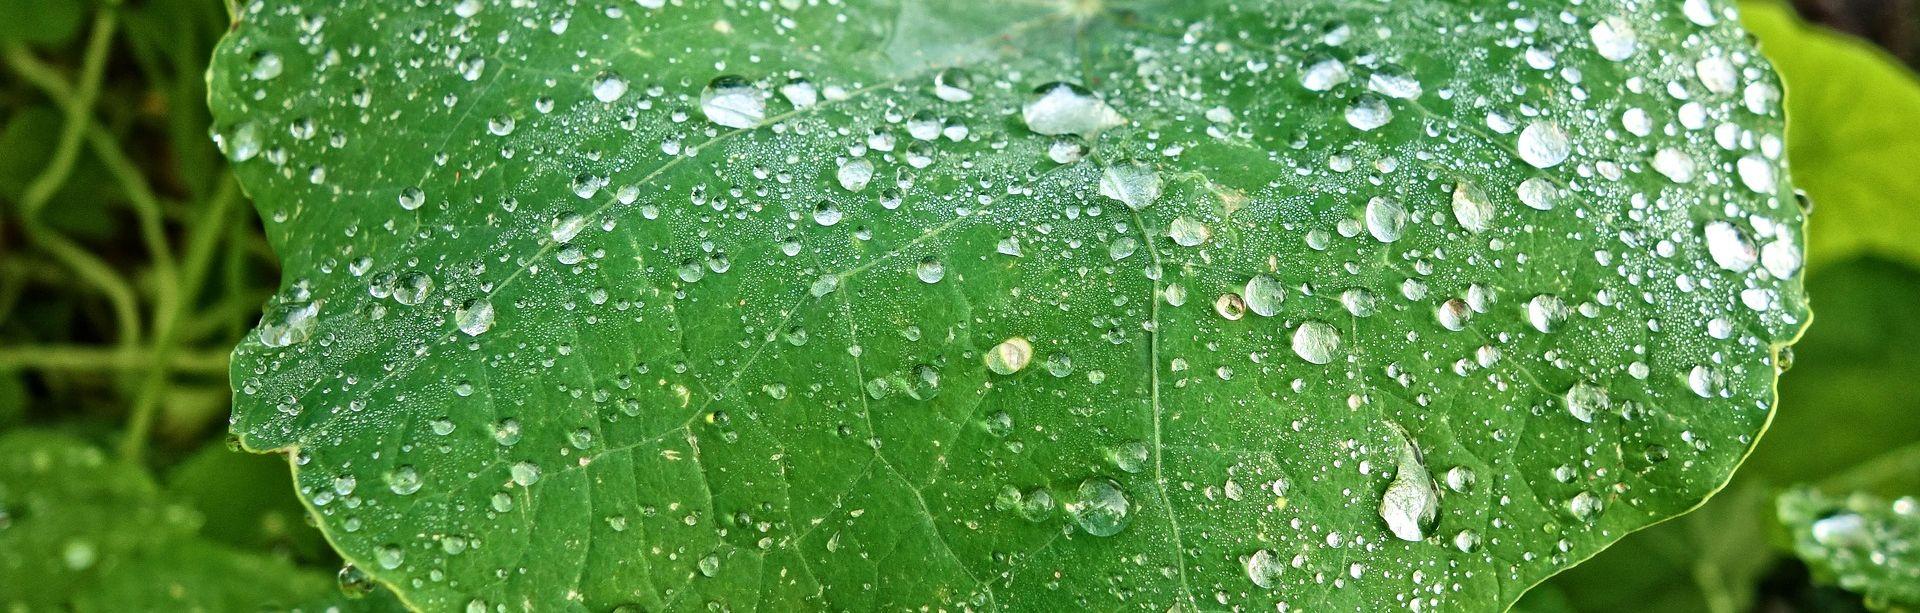 Ein Petunien-Blatt benötigt keine DWR Imprägnierung. Die Natur hat es mit einer wasserabweisenden Eigenschaft ausgestattet.